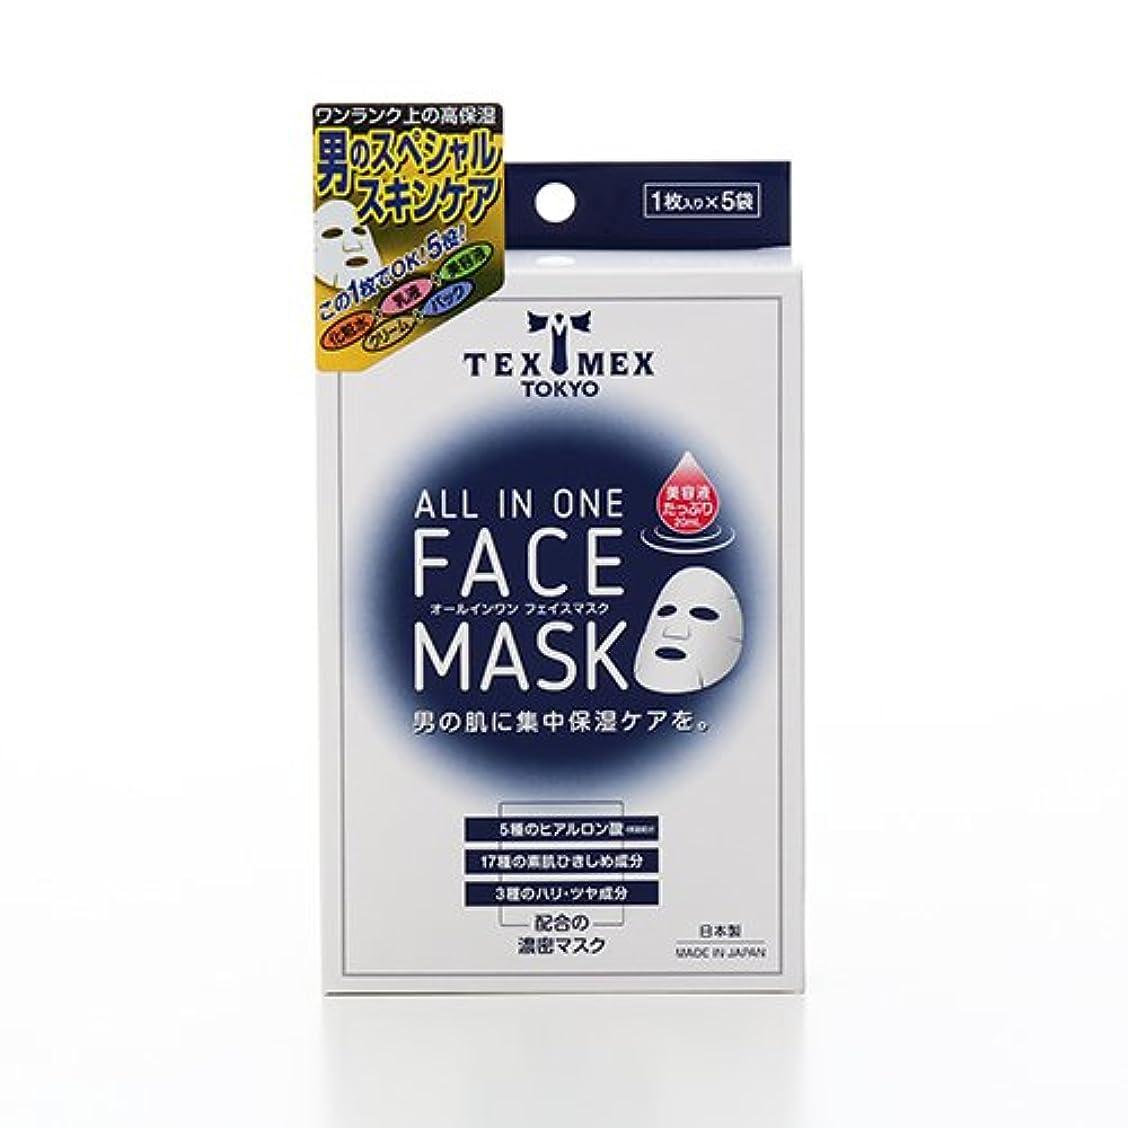 水っぽい銀パーティションテックスメックス オールインワンフェイスマスク 5袋入り 【シート状美容マスク】